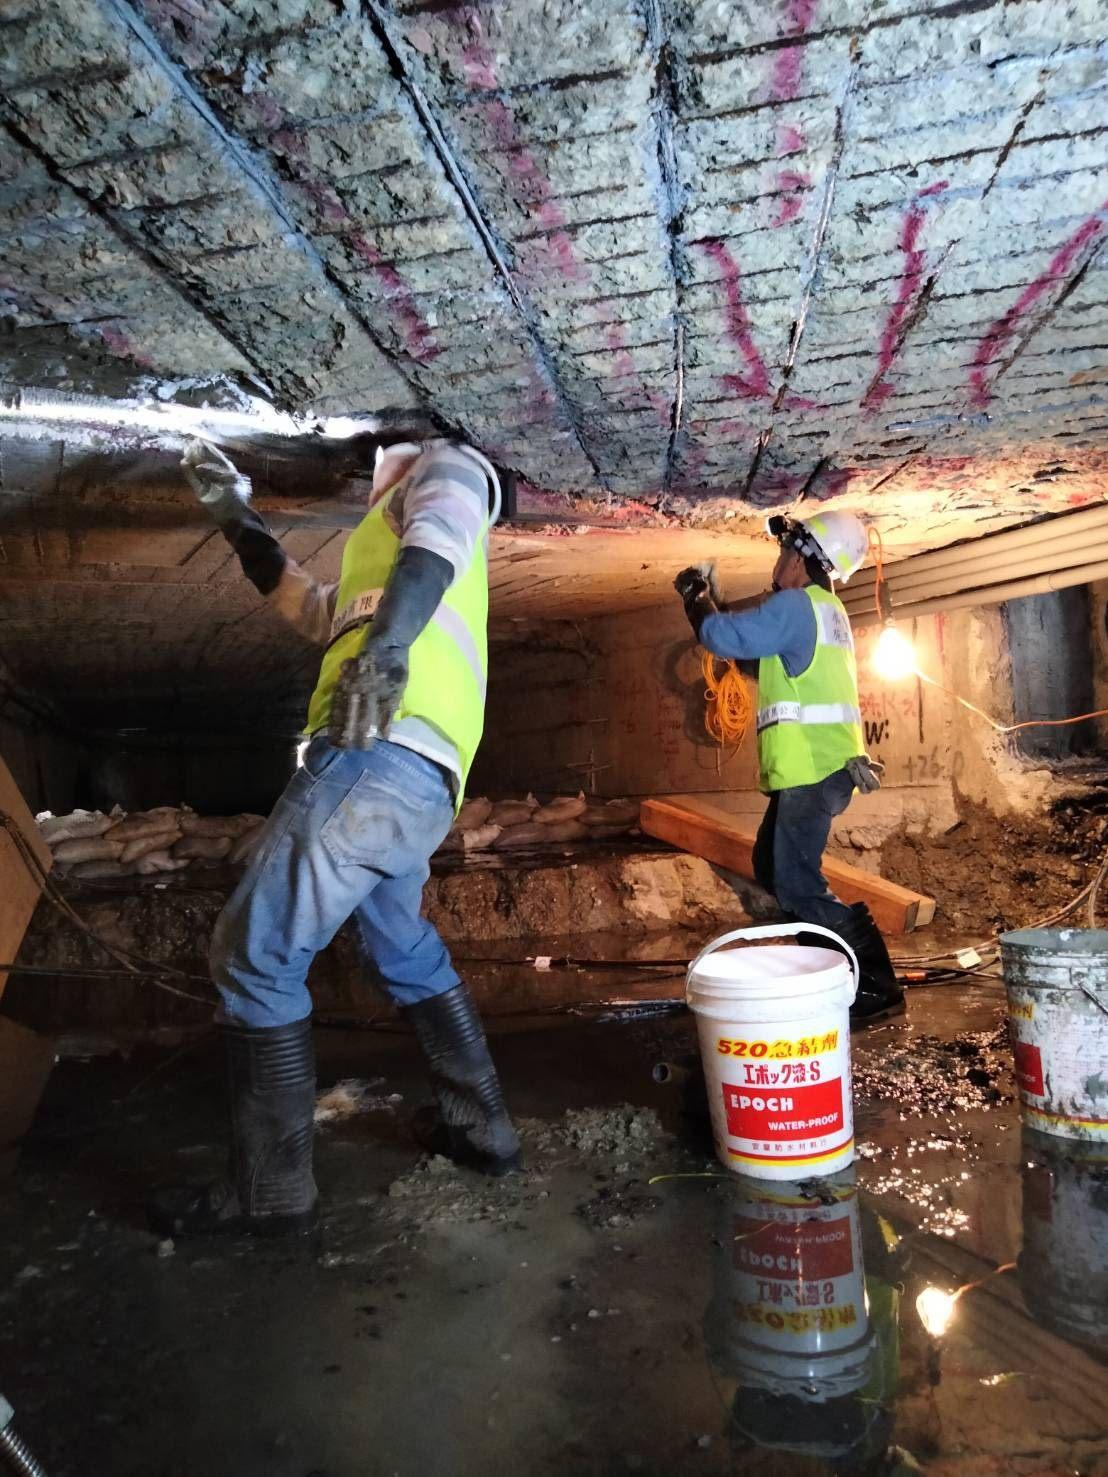 施工人員無法完全直立身軀,施工過程可說是萬分艱辛。